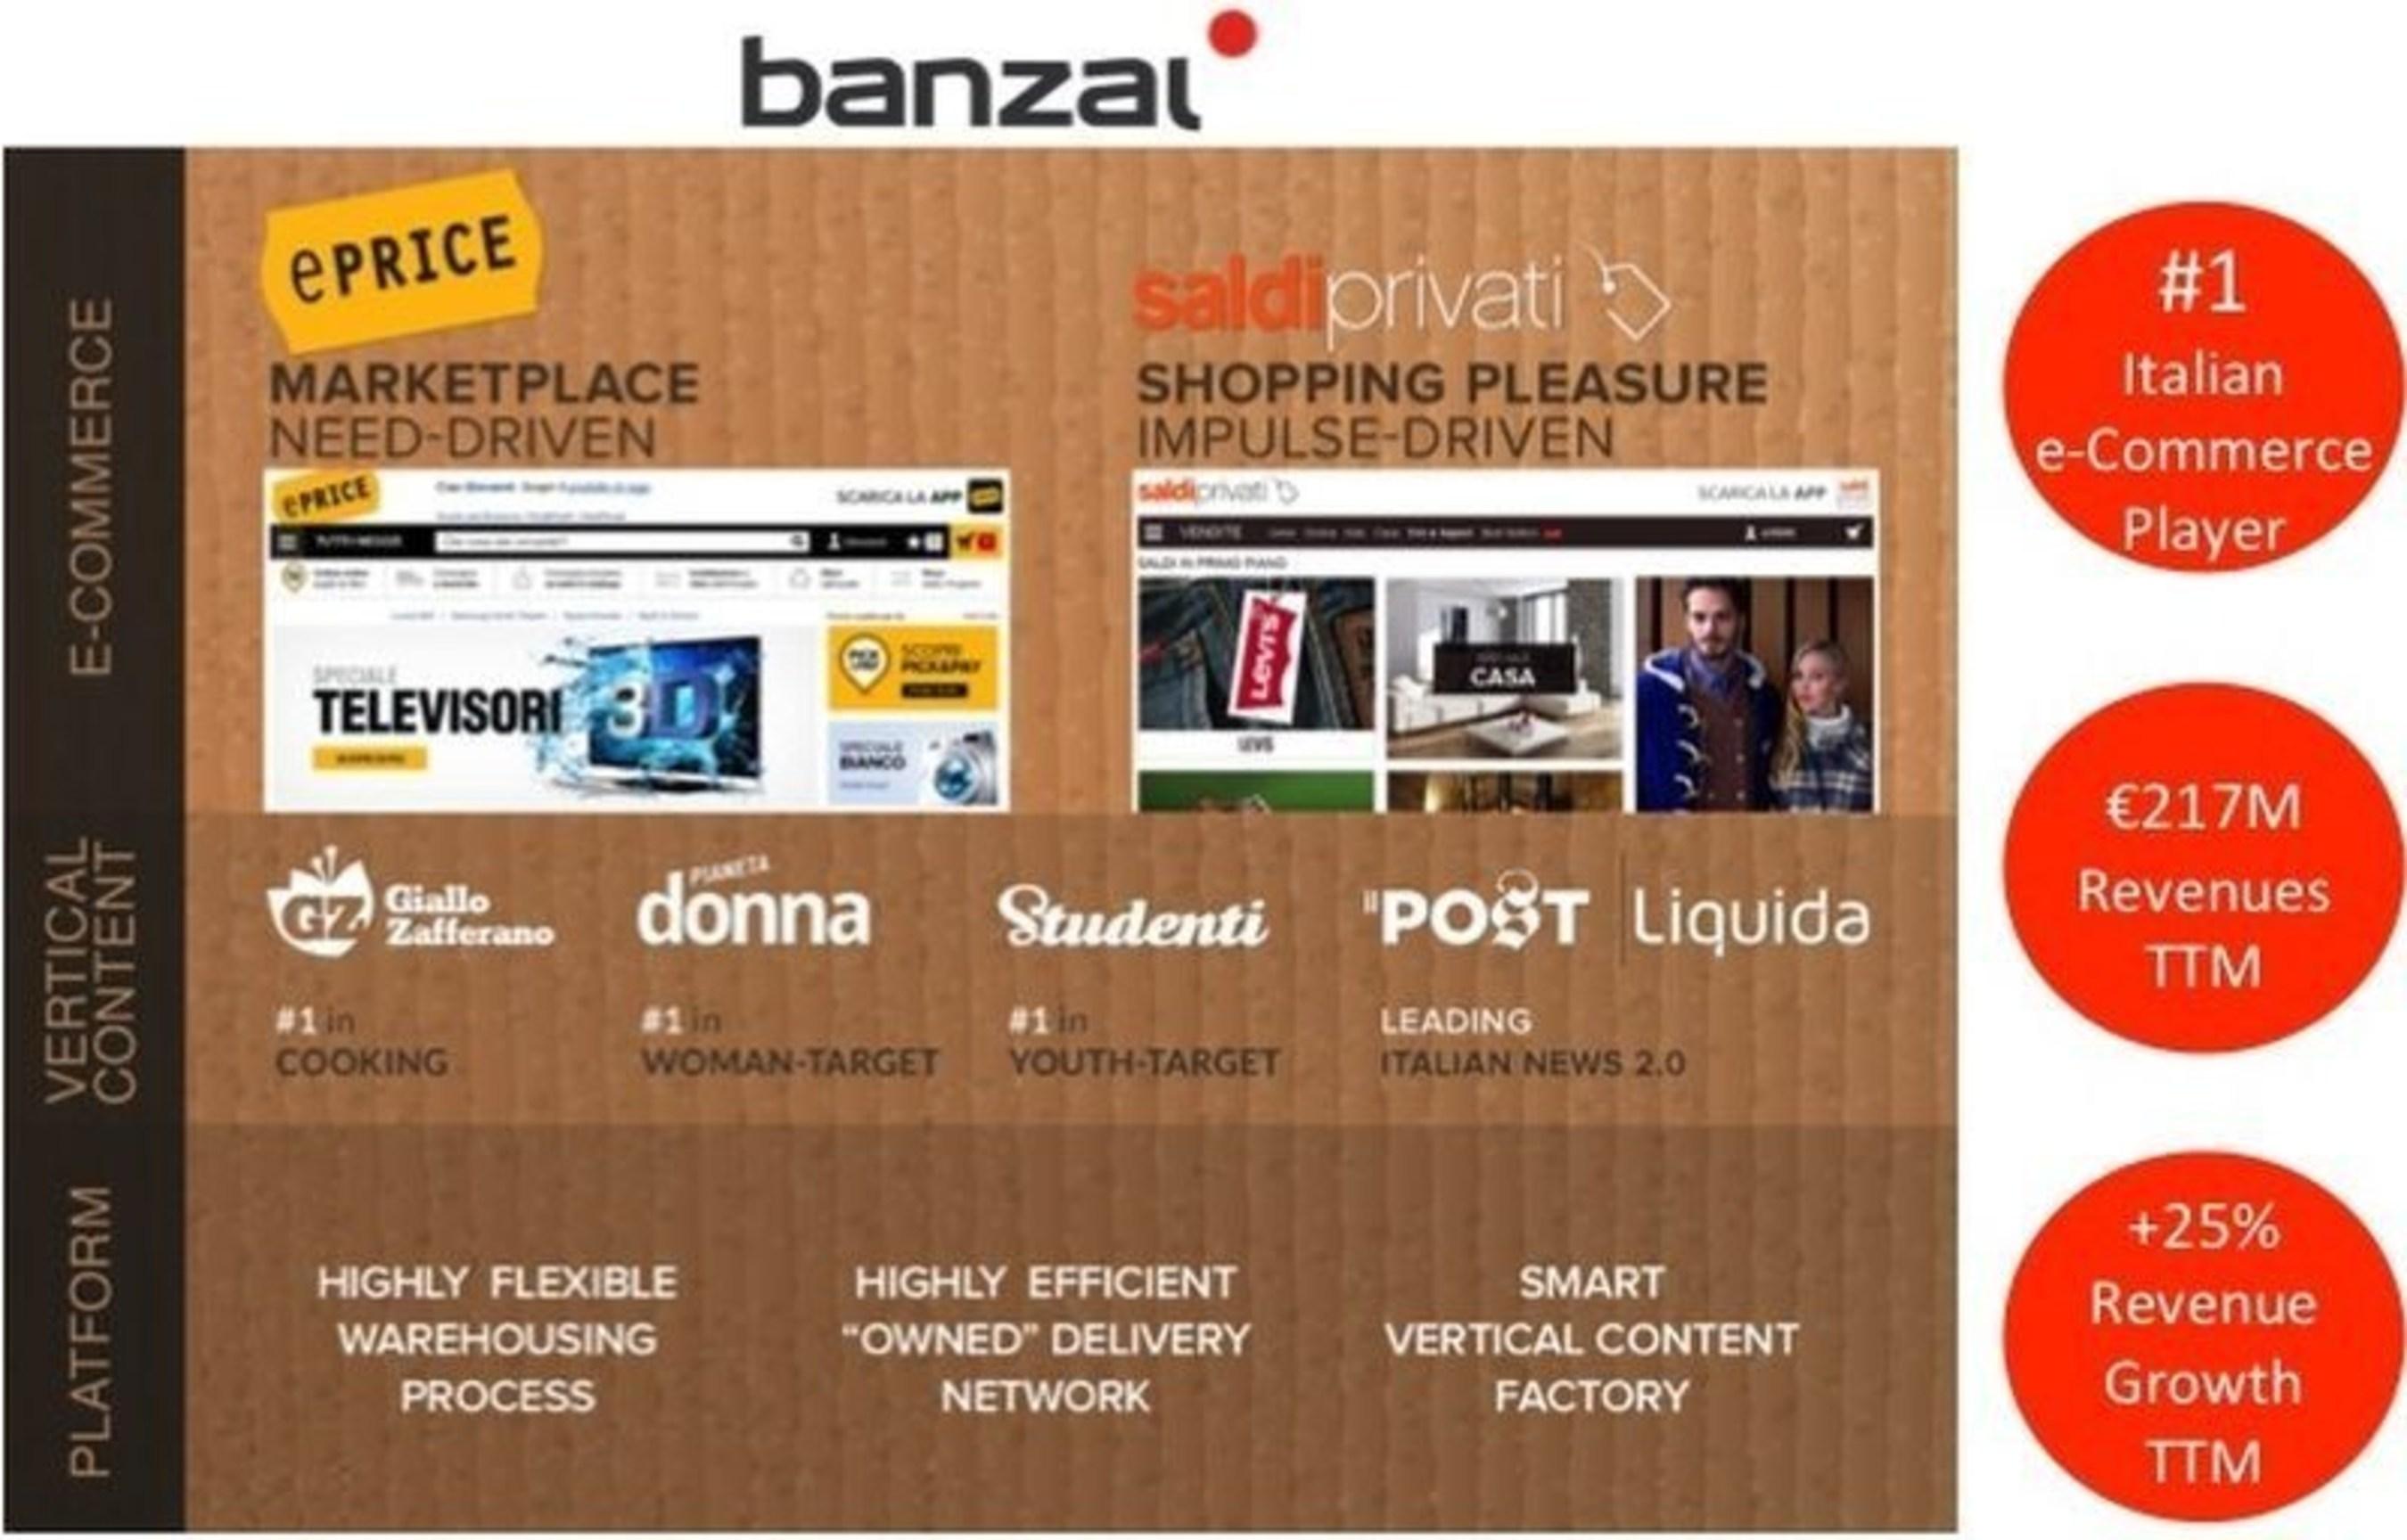 Banzai: Board of Directors Approves Preliminary 9M 2015 Revenues